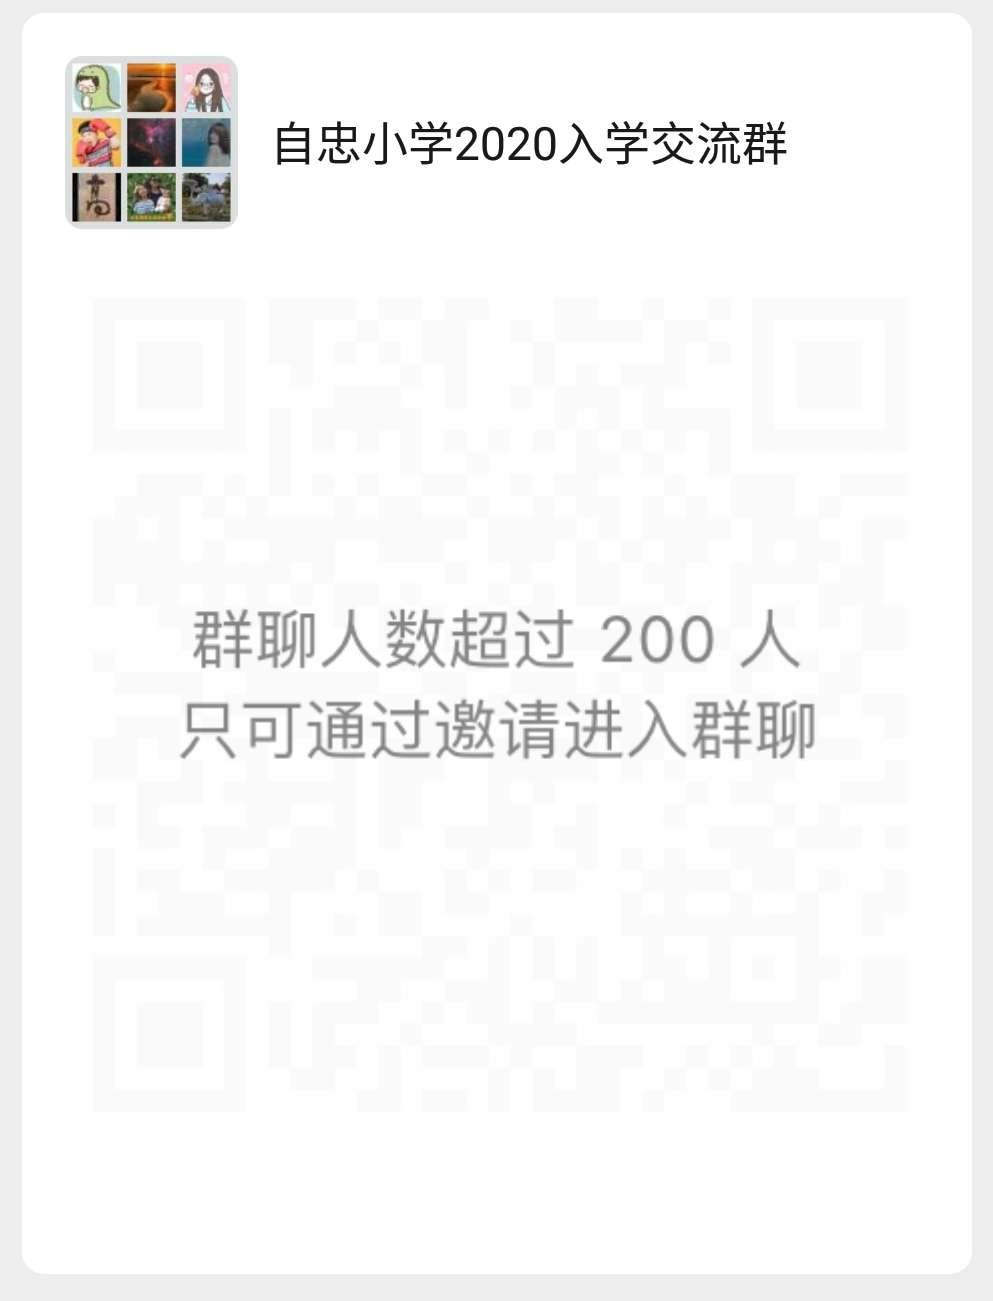 微信图片_20200611230225.jpg